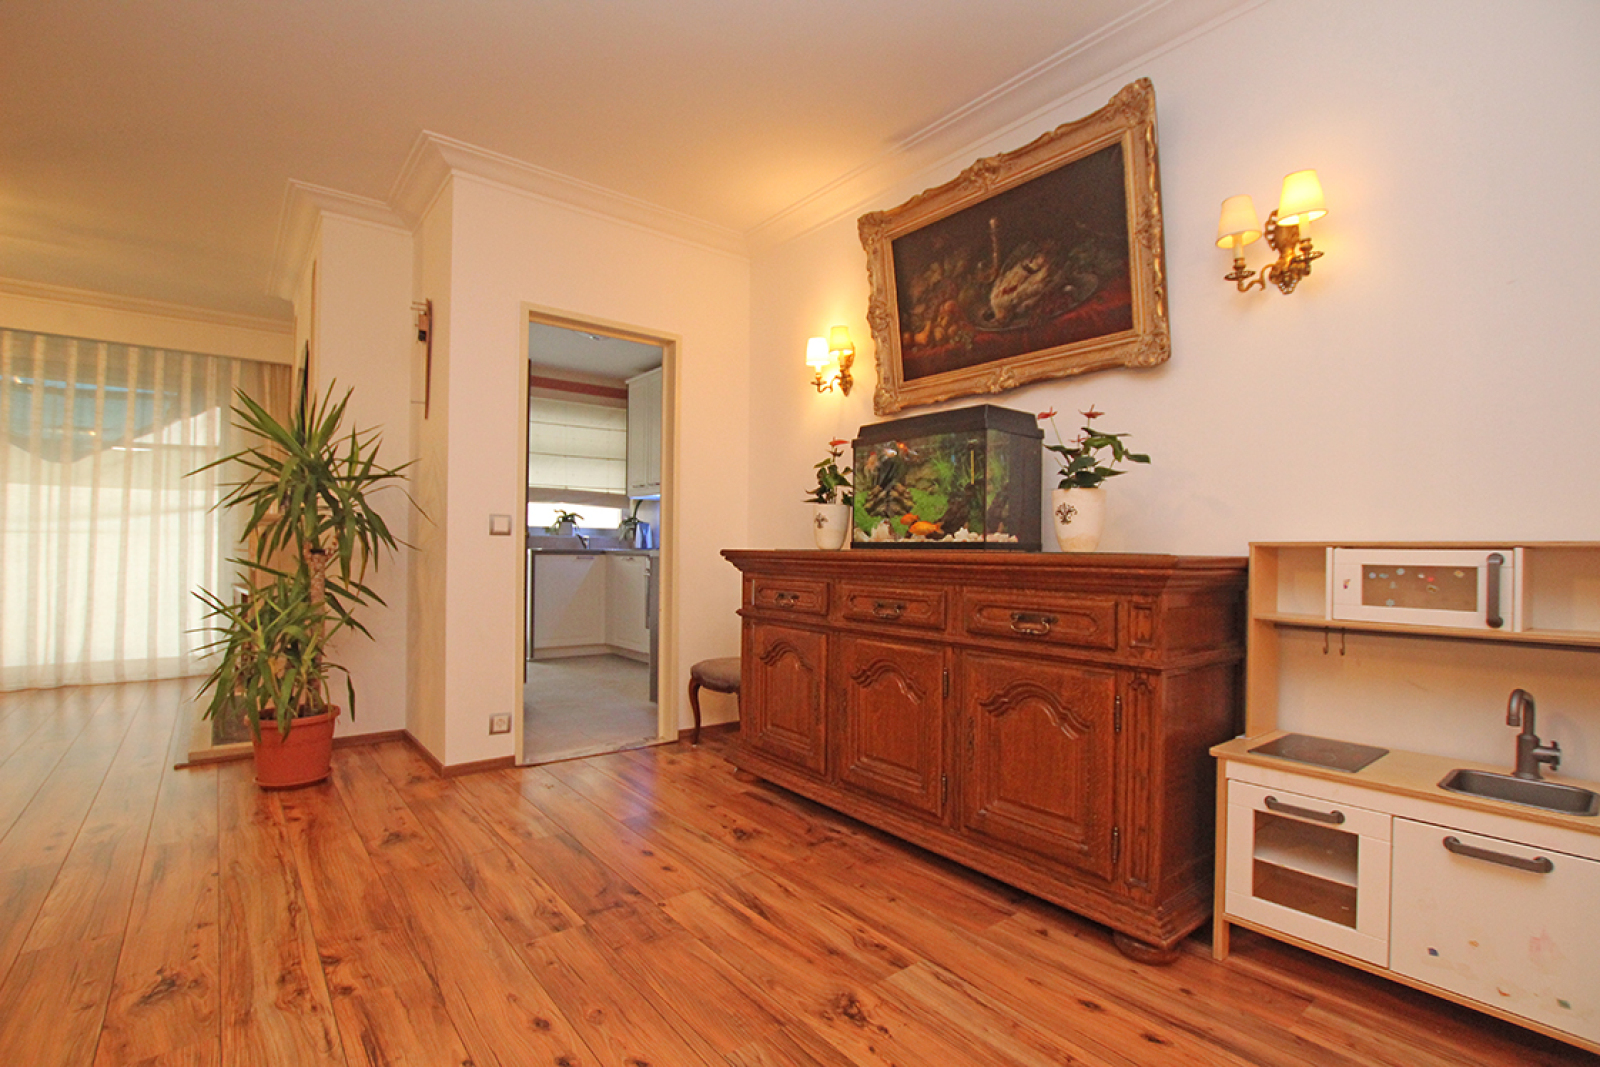 Prachtig en uiterst verzorgd appartement op de eerste verdieping afbeelding 3